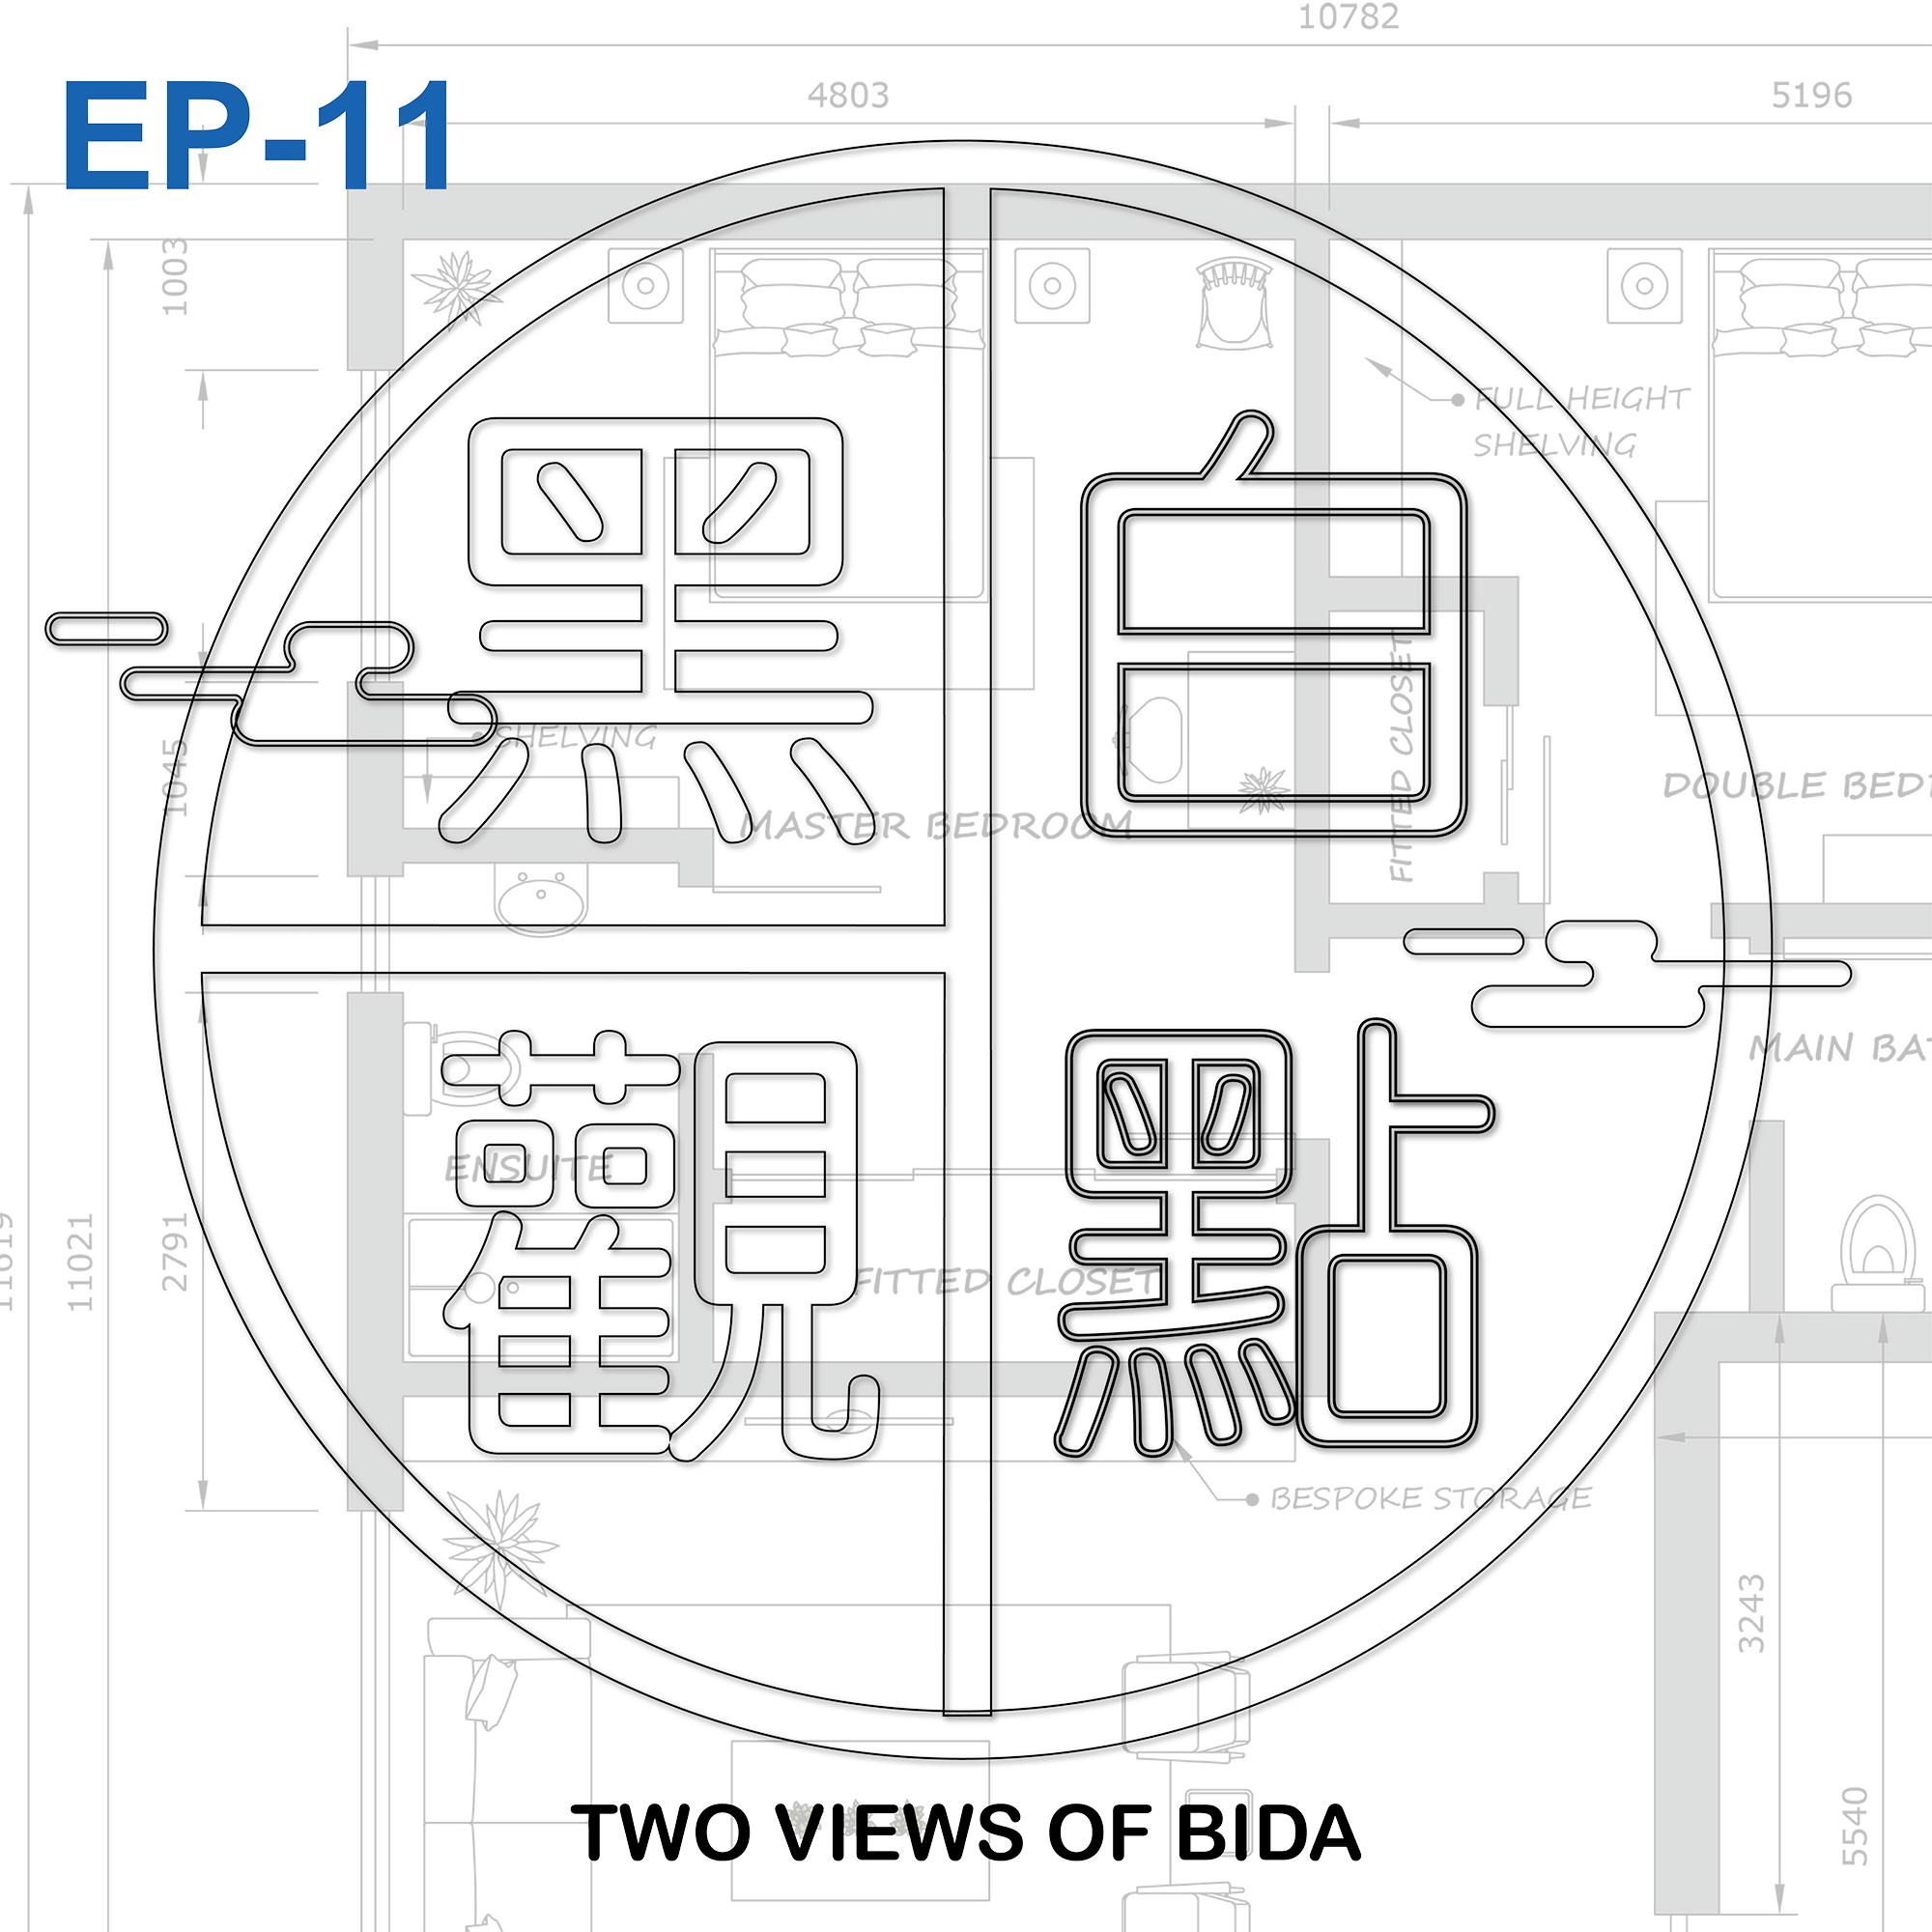 EP-11 你真的想學室內設計嗎? 我跟你說...